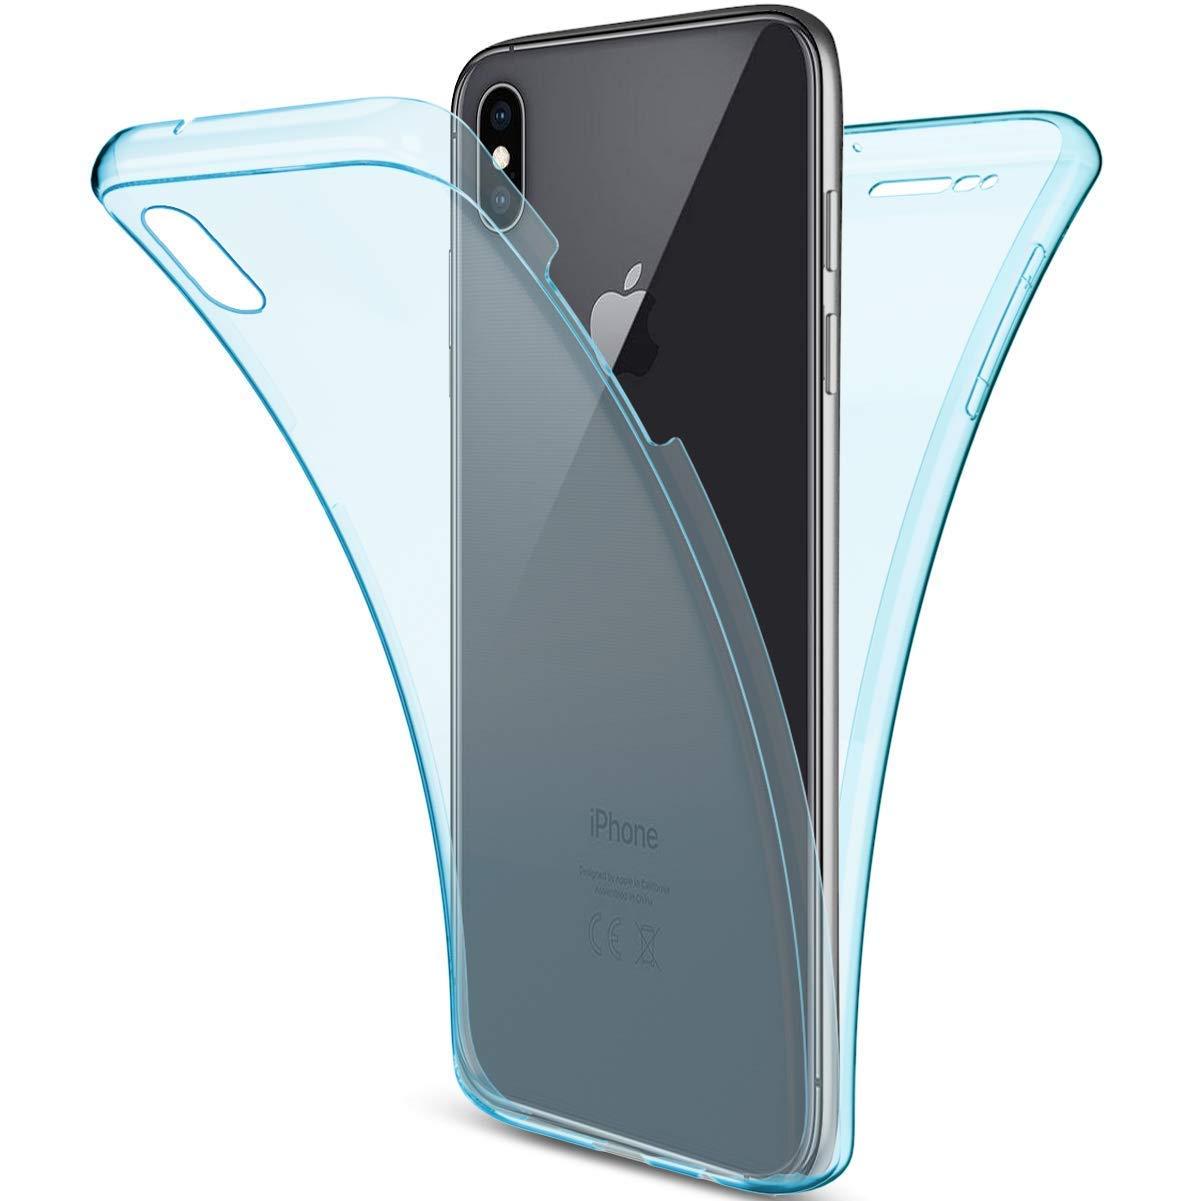 Uposao Silikonhülle iPhone XR Handytasche 360° Full Body Cover Vorne und Hinten Silikon Tasche Komplettschutz Rundumschutz Beidseitiger Hülle Durchsichtig Handyhülle, Kristall PYHT009384